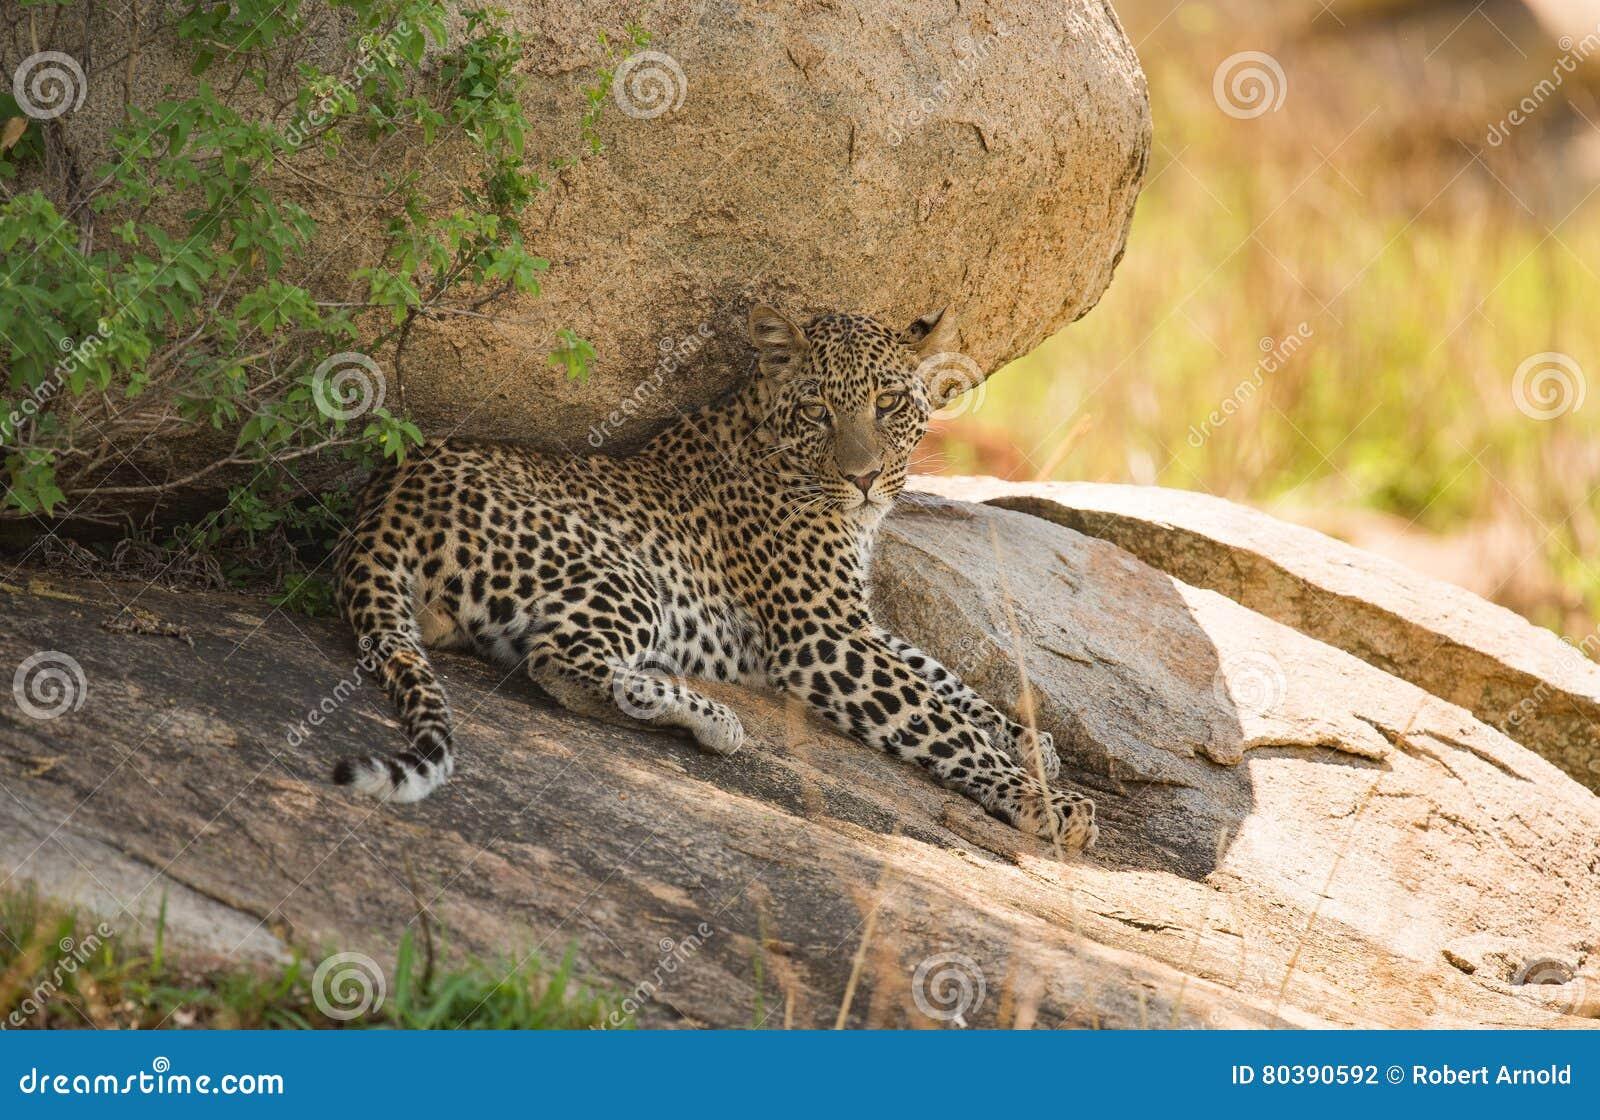 休息在塞伦盖蒂n的一个大岩石附近的豹子